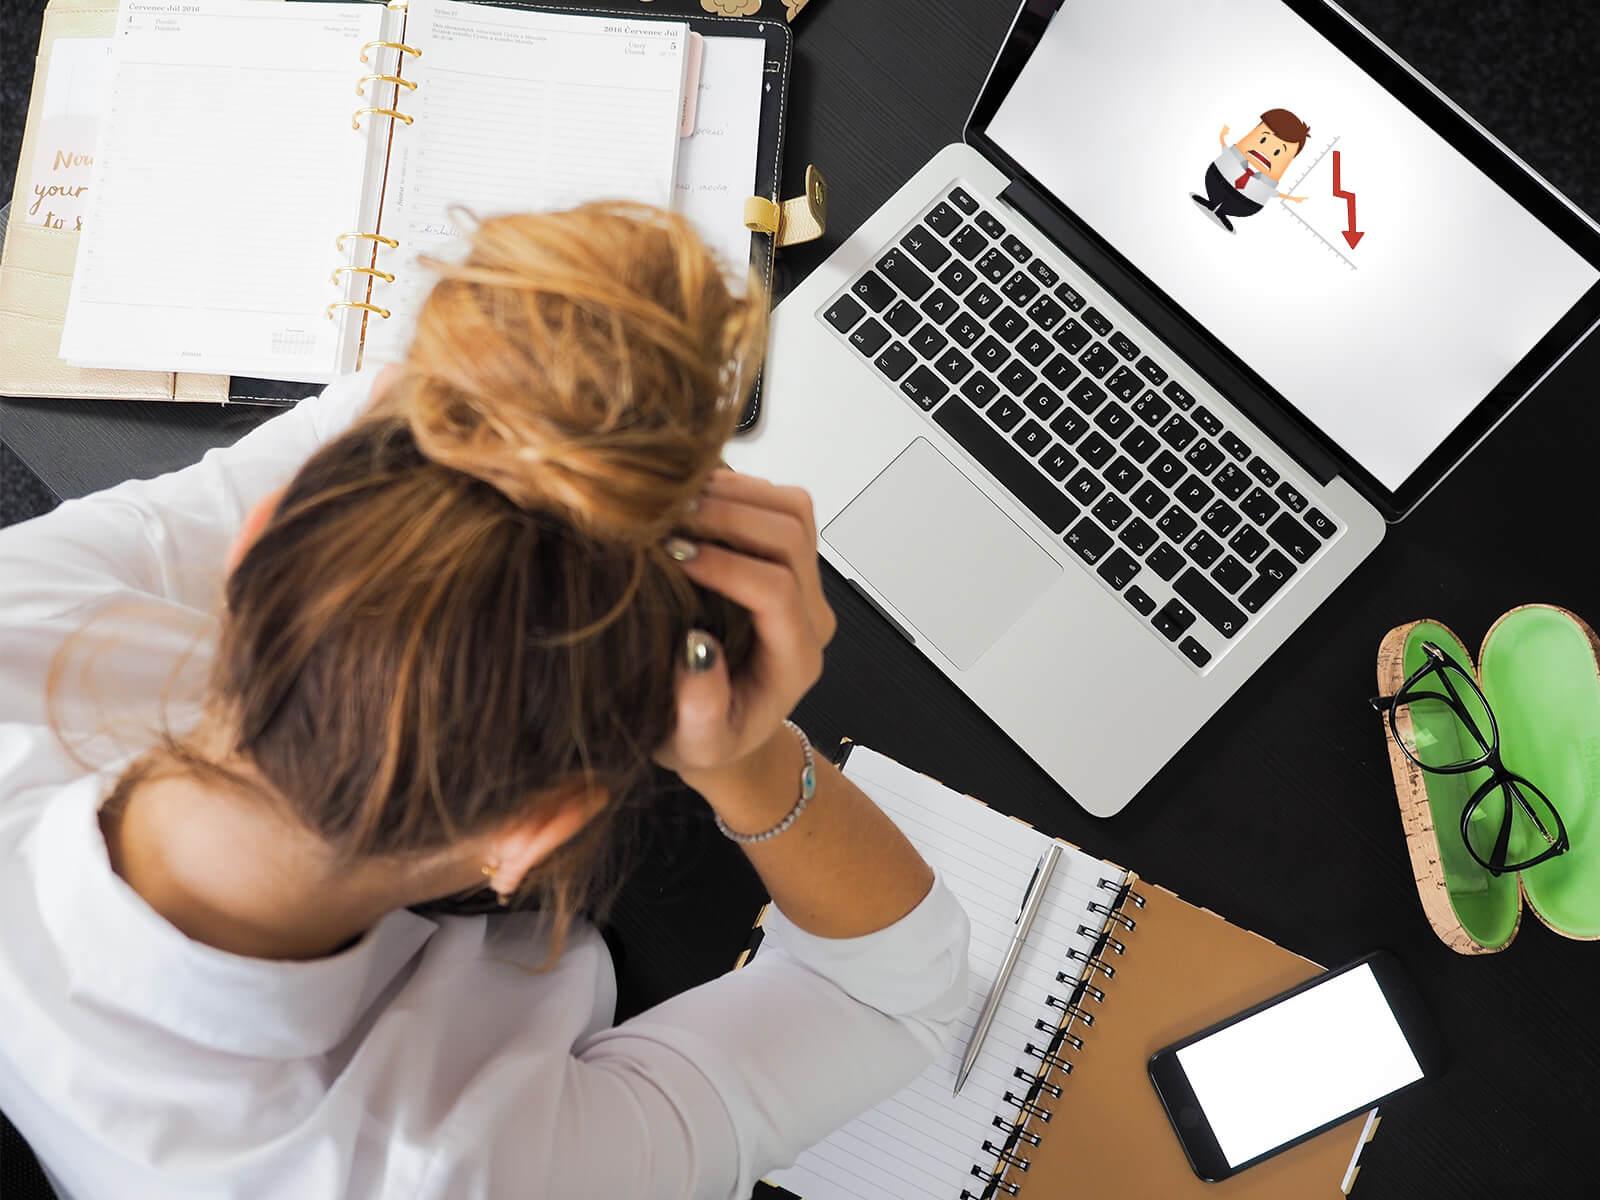 3 dôvody, prečo by ste mali zaviesť agilný marketing